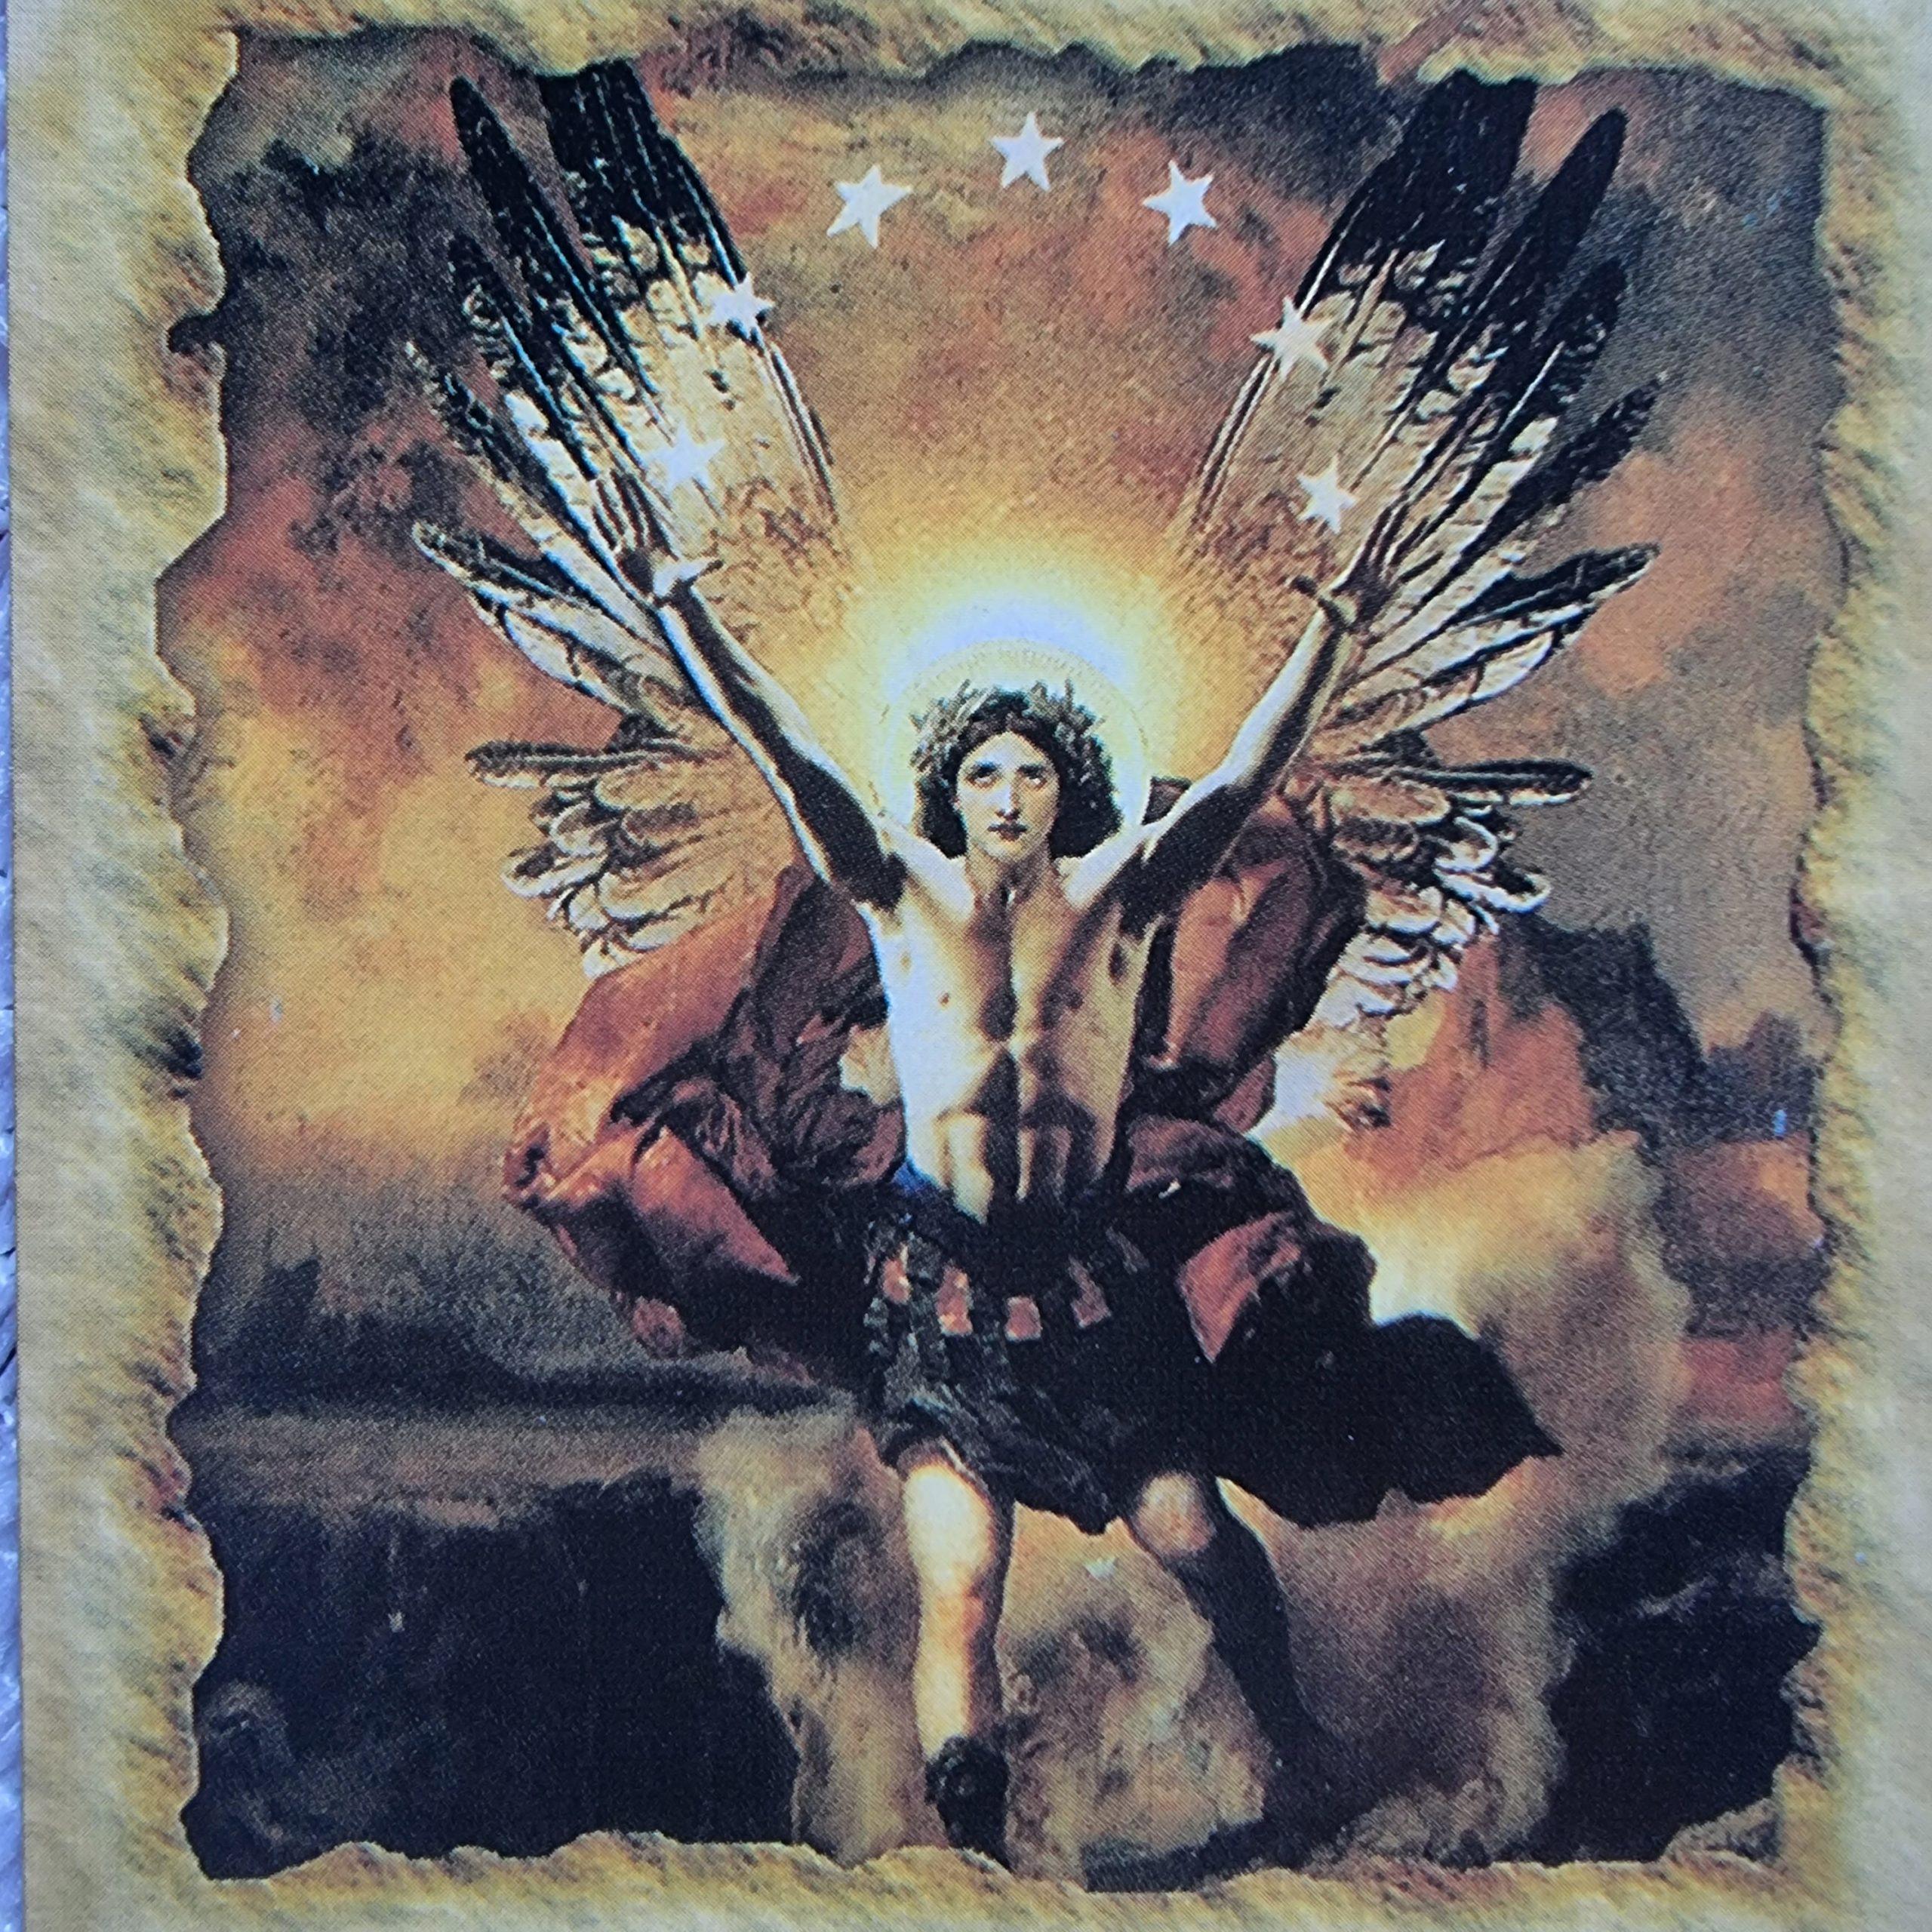 saules cakra, cakra, saules, bamba, centras, aplinka, sveikatos angelu kortos, angelu sveikatos kortos, angelu kortos, kortos, gydantis orakulas, gydancios kortos, karmos korekcija, ciakru apvalymas, gydantis angelu orakulas, bureja, taro, burimai, magija, burtai, angelai